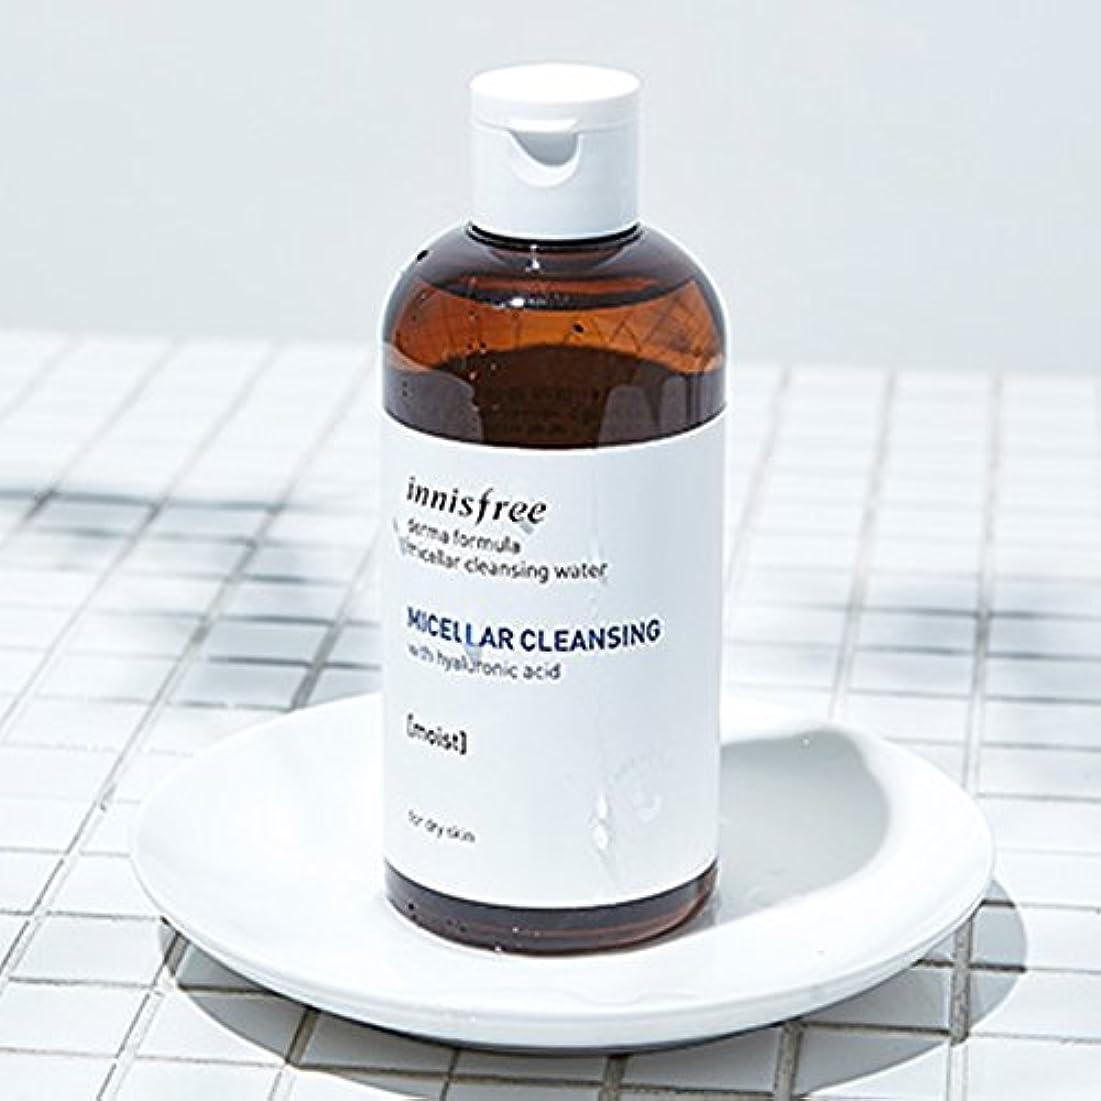 層洞察力前書きイニスフリータンジェリンビタCスキン(トナー)200ml Innisfree Tangerine Vita C Skin(Toner) 200ml [海外直送品][並行輸入品]